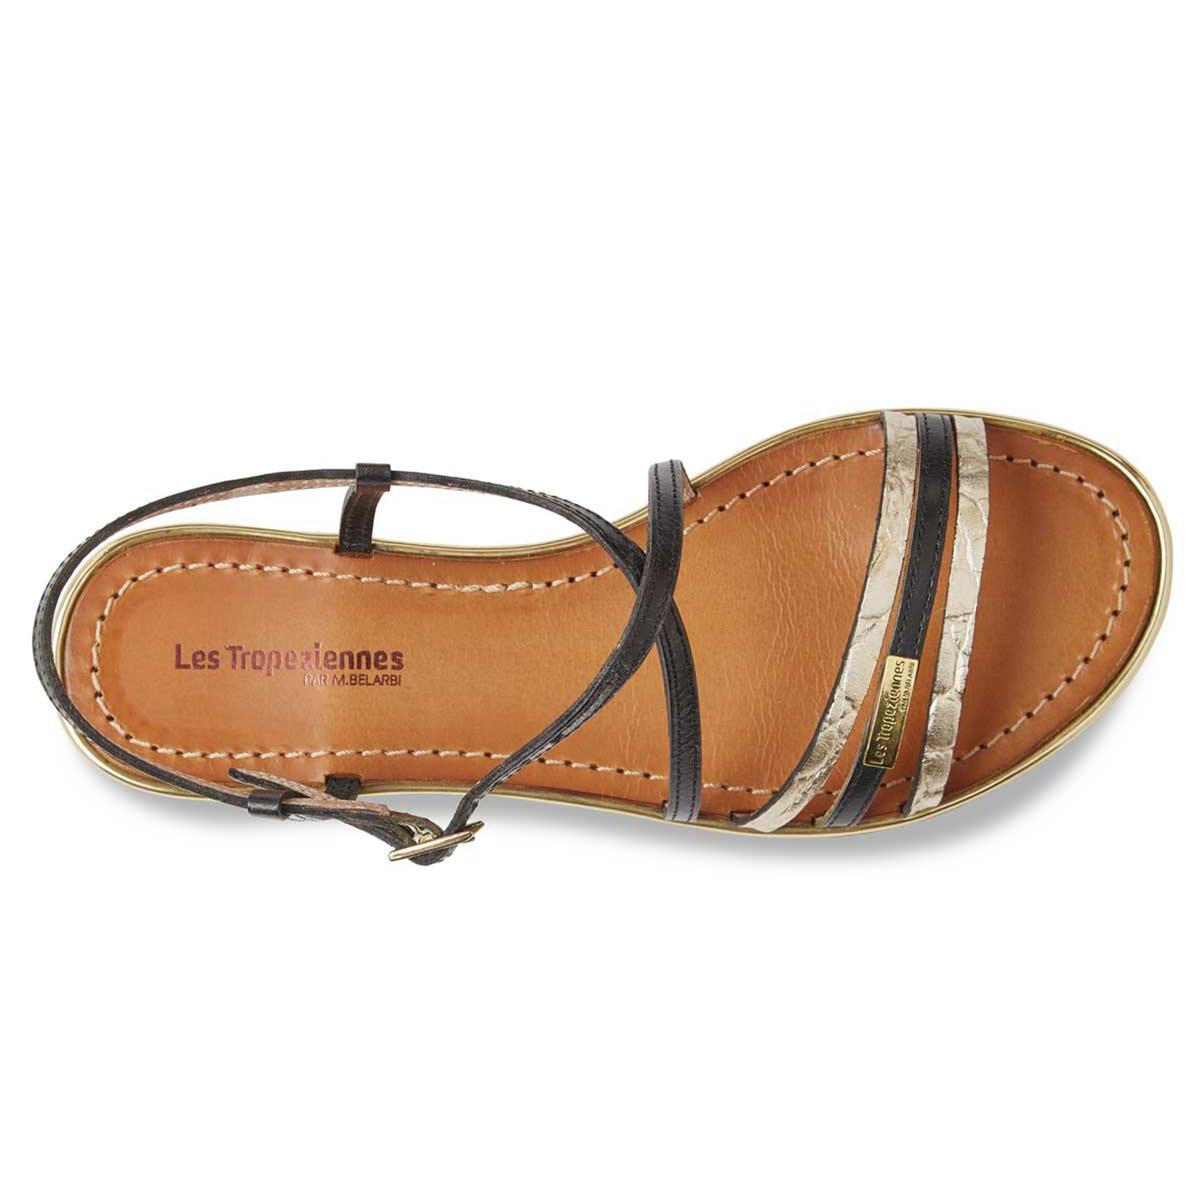 Сандалии Balise, из кожи, плоскиеИх тонкие кожаные ремешки и золотистый цвет украсят ваши ножки этим летом в изысканном стиле !<br><br>Цвет: черный<br>Размер: 36.38